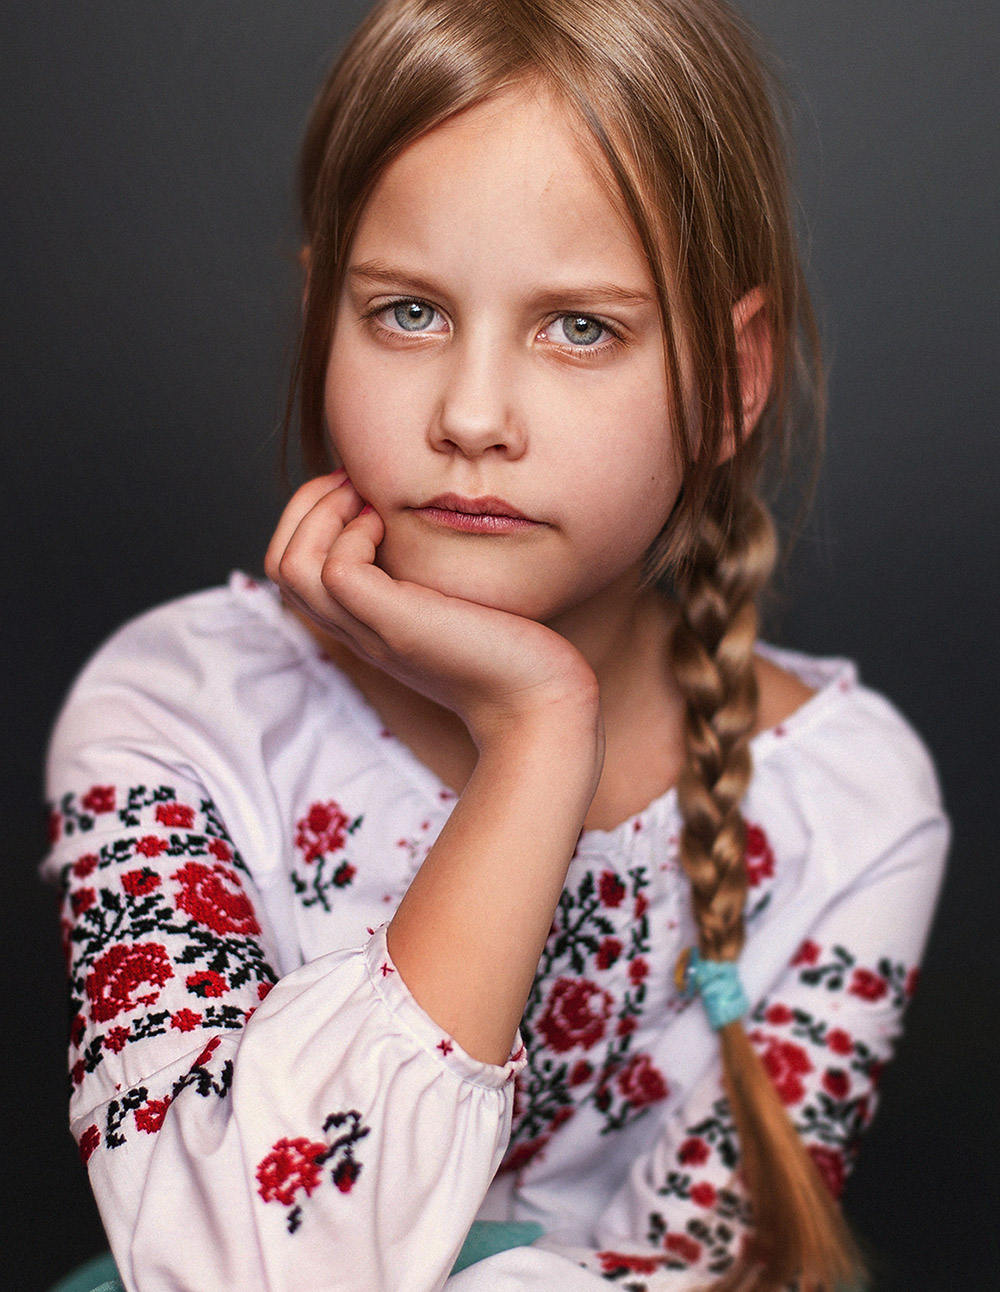 Portrait Photography | Tatsiana Tsyhanova